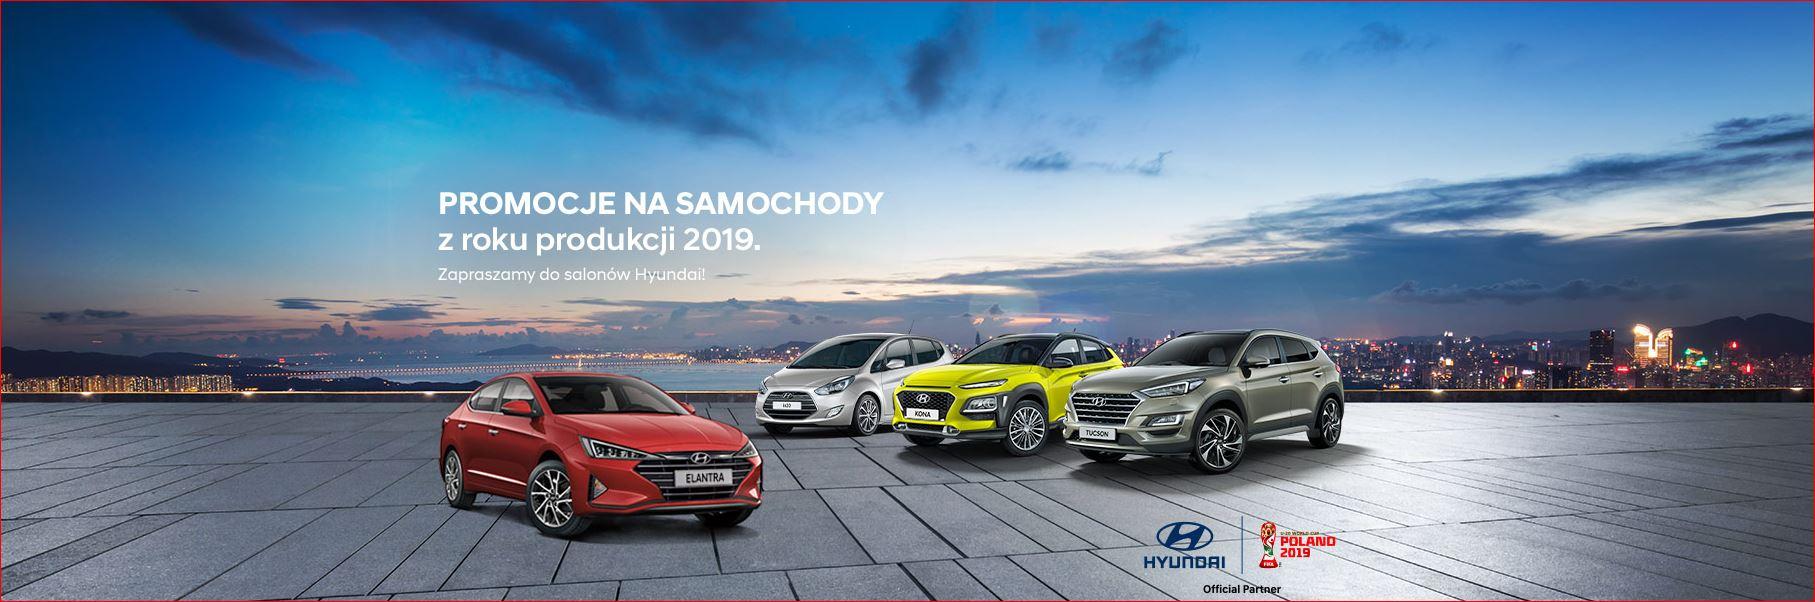 Hyundai ustala promocje na samochody z rocznika 2019 4